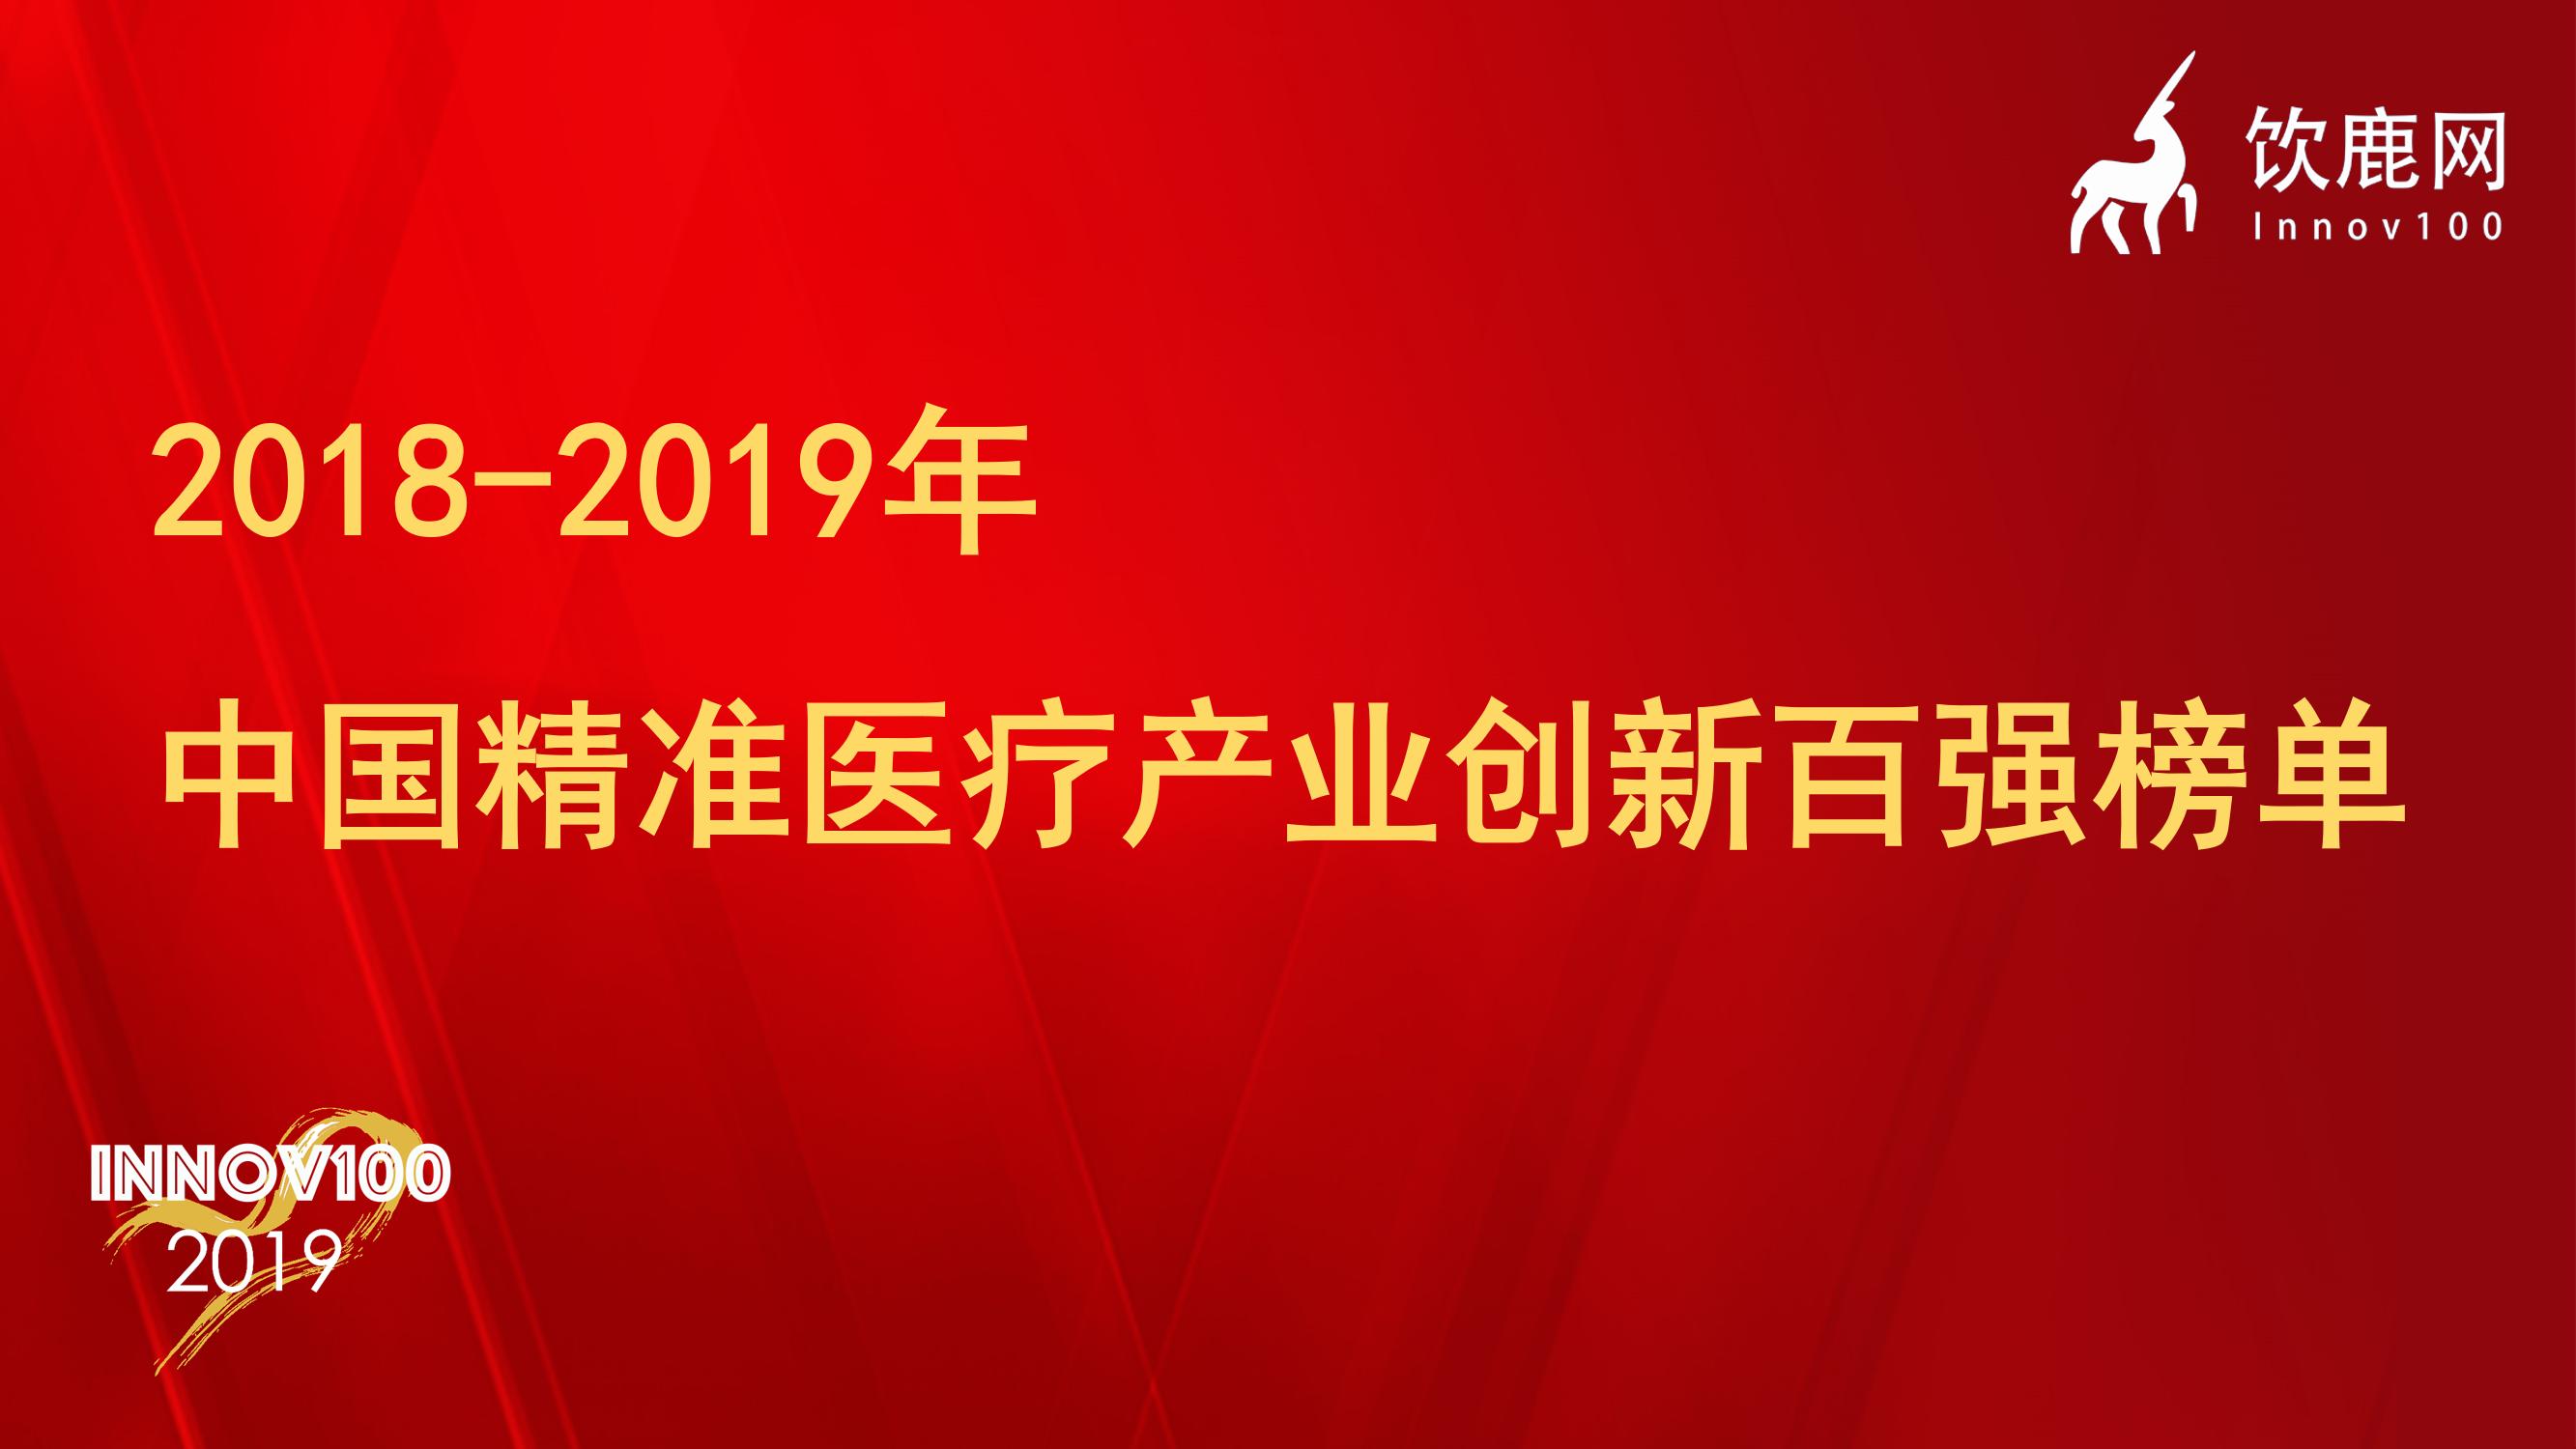 饮鹿网2018-2019年中国精准医疗产业创新百强榜单发布!